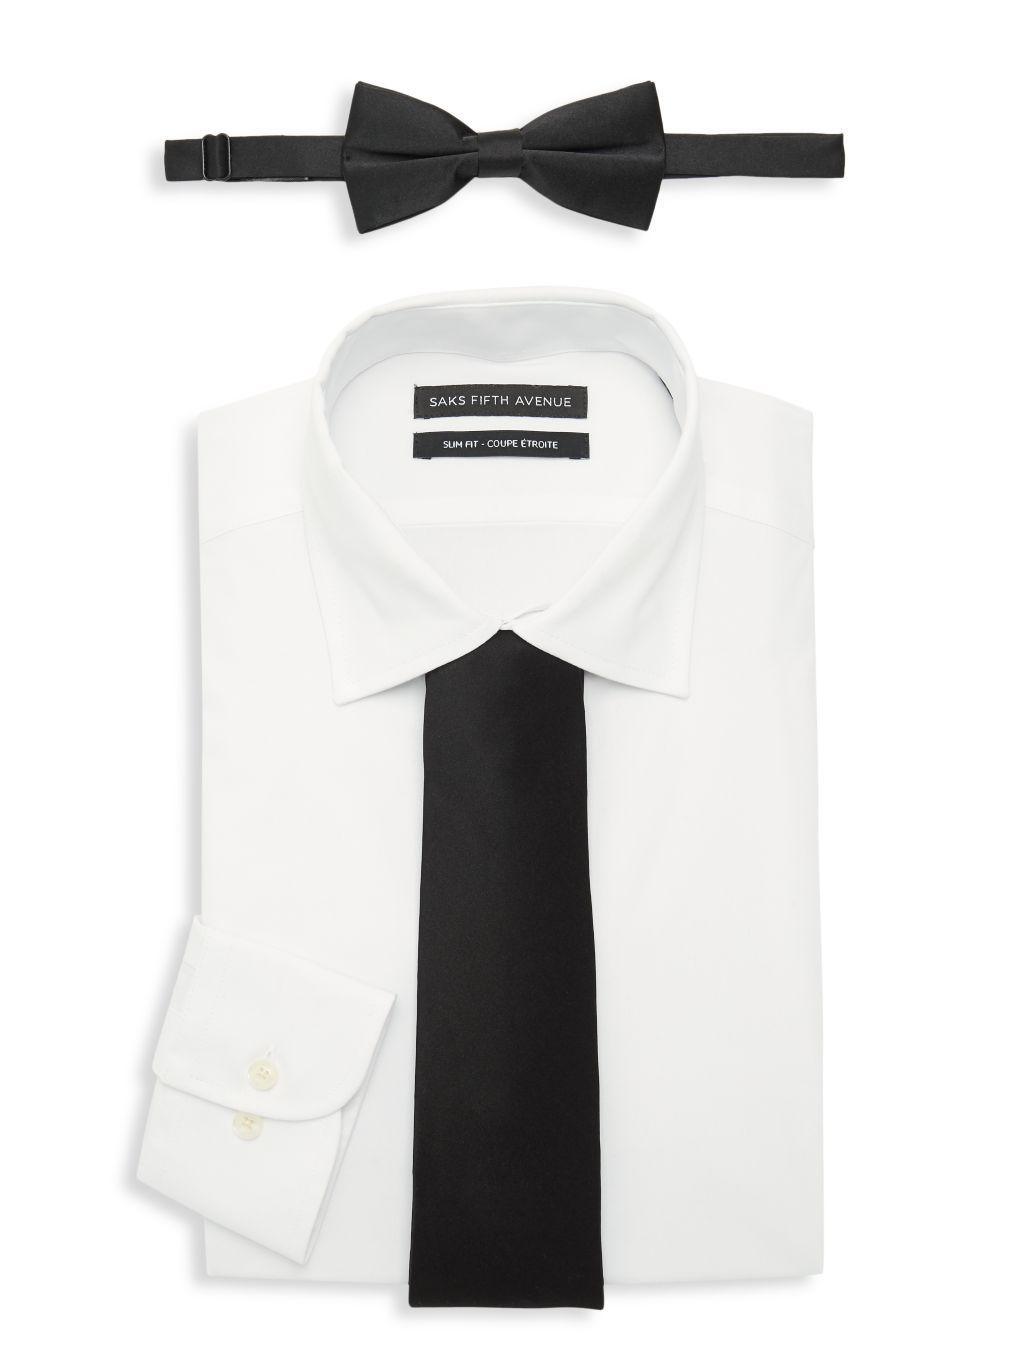 Saks Fifth Avenue 3-Piece Slim-Fit Dress Shirt, Bow Tie & Tie Set